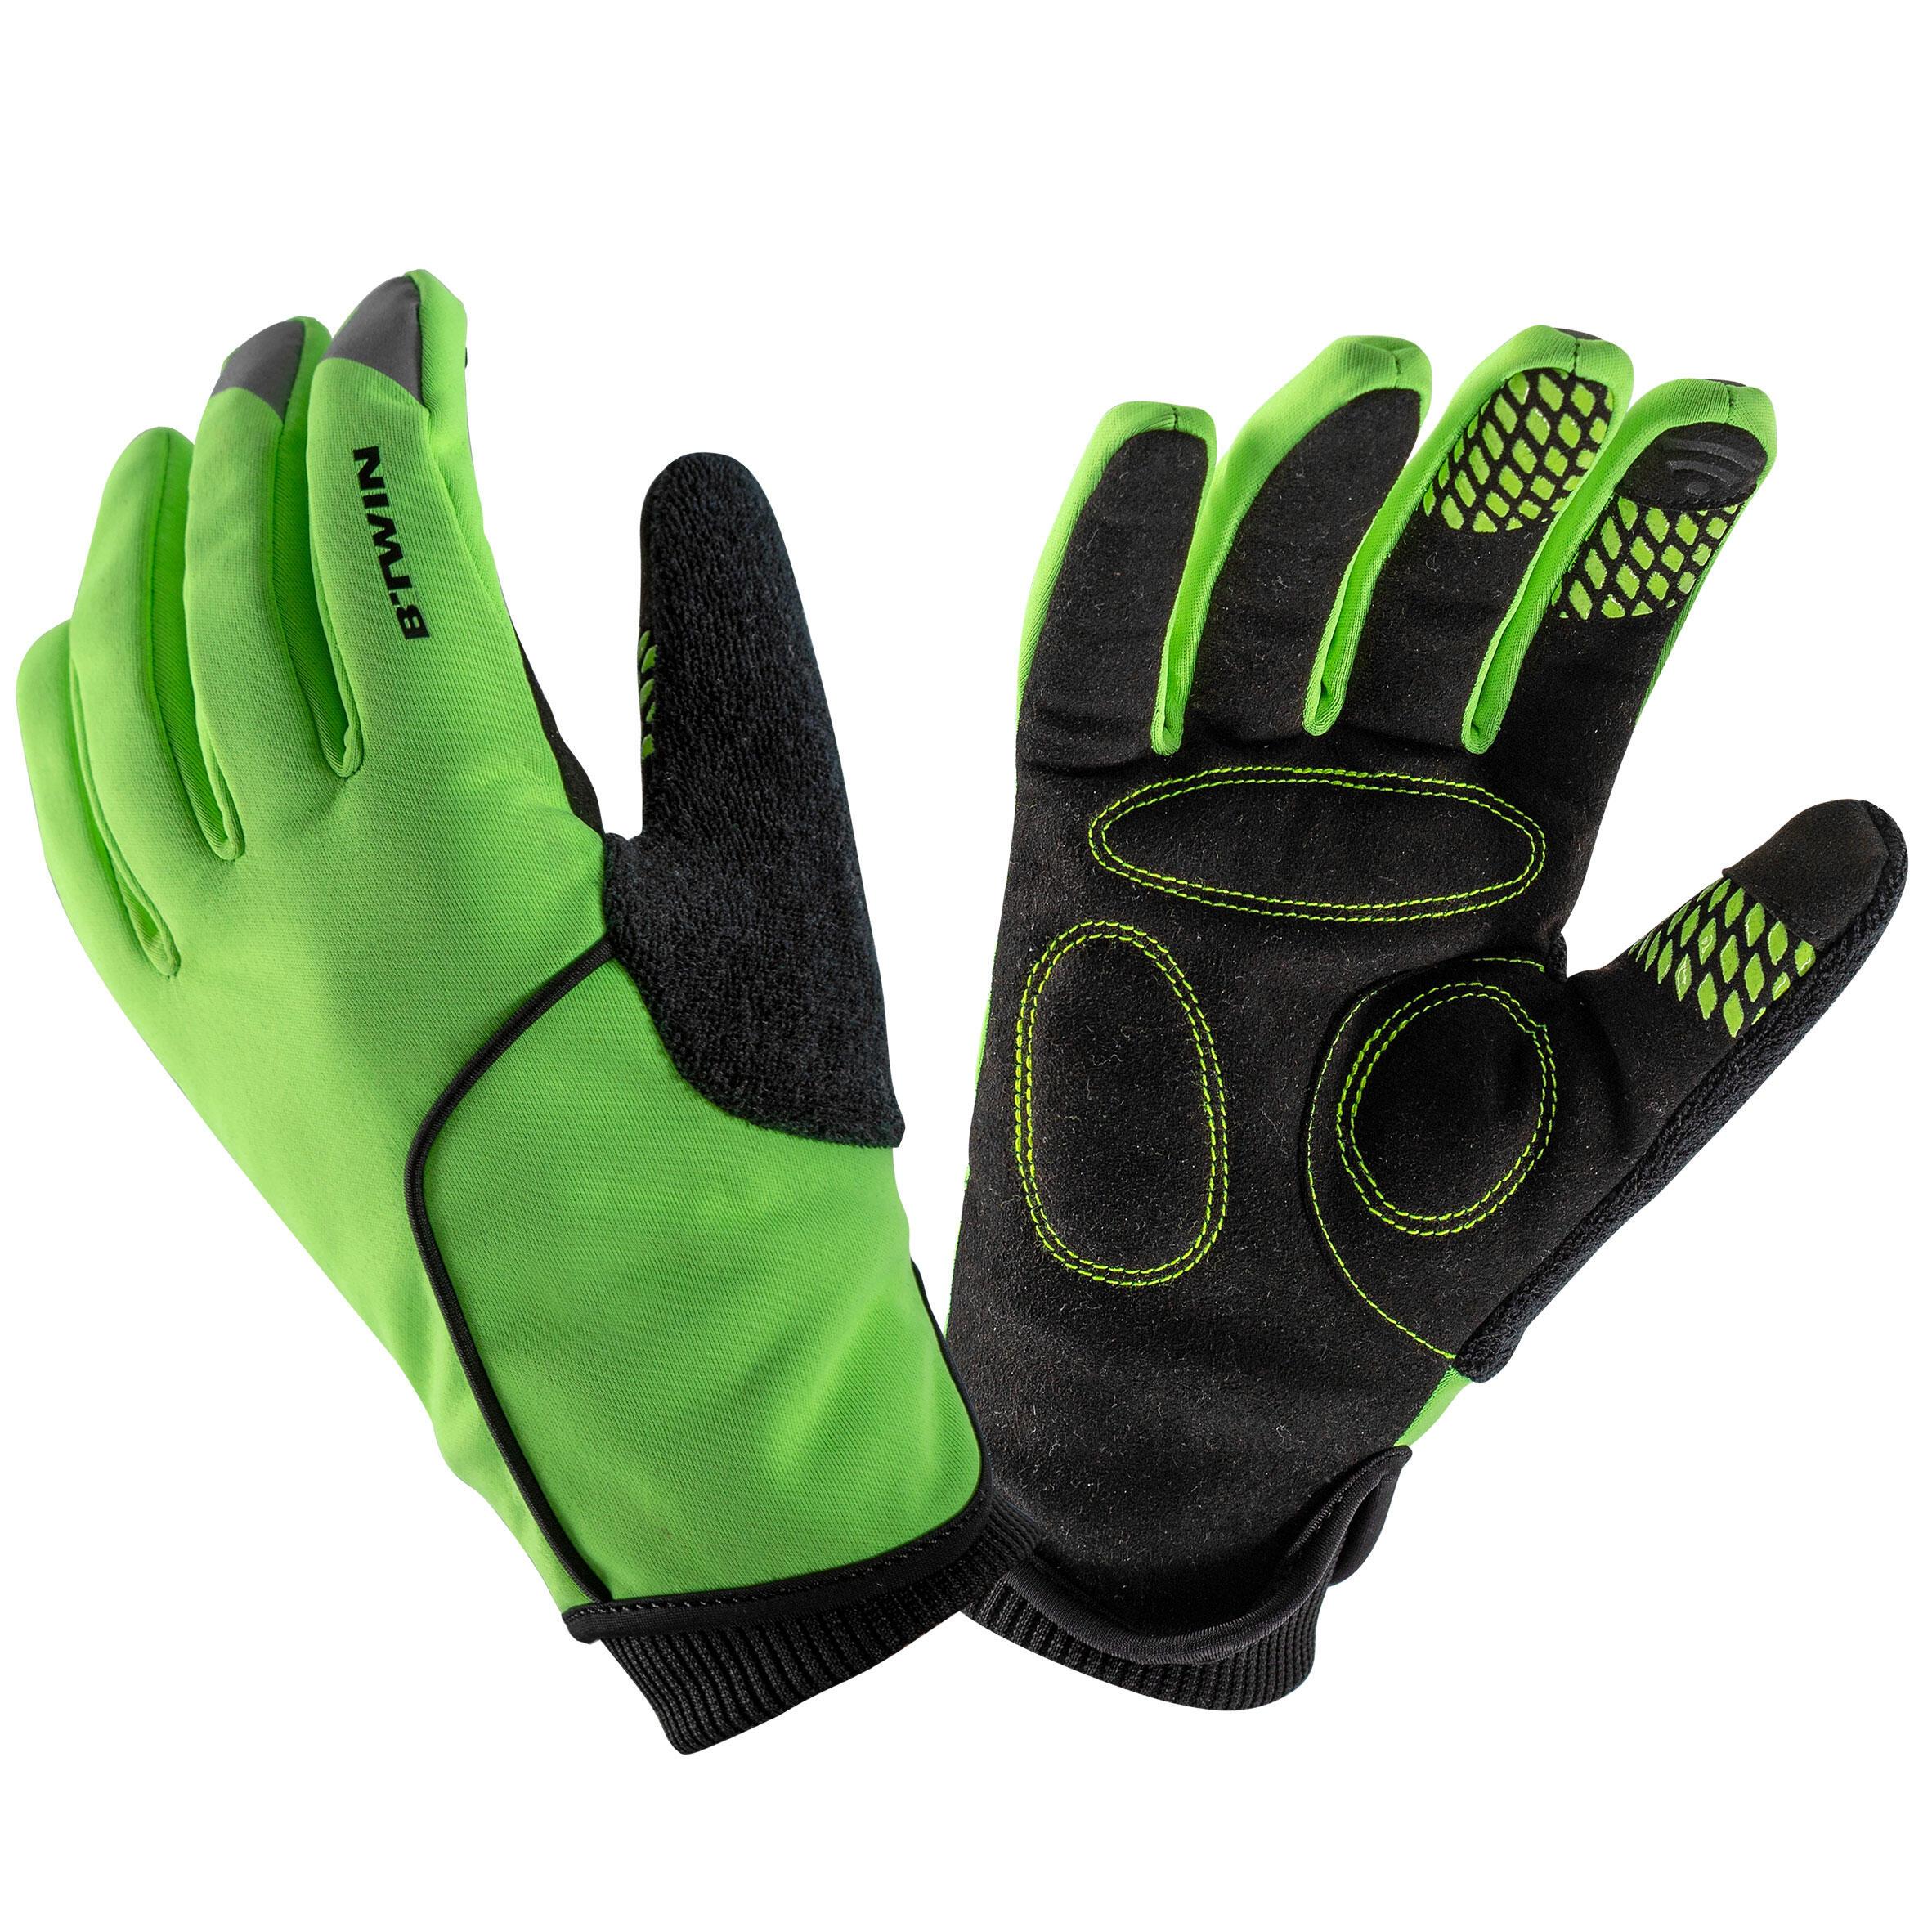 Kids' Winter Bike Gloves 500 BTWIN - Decathlon